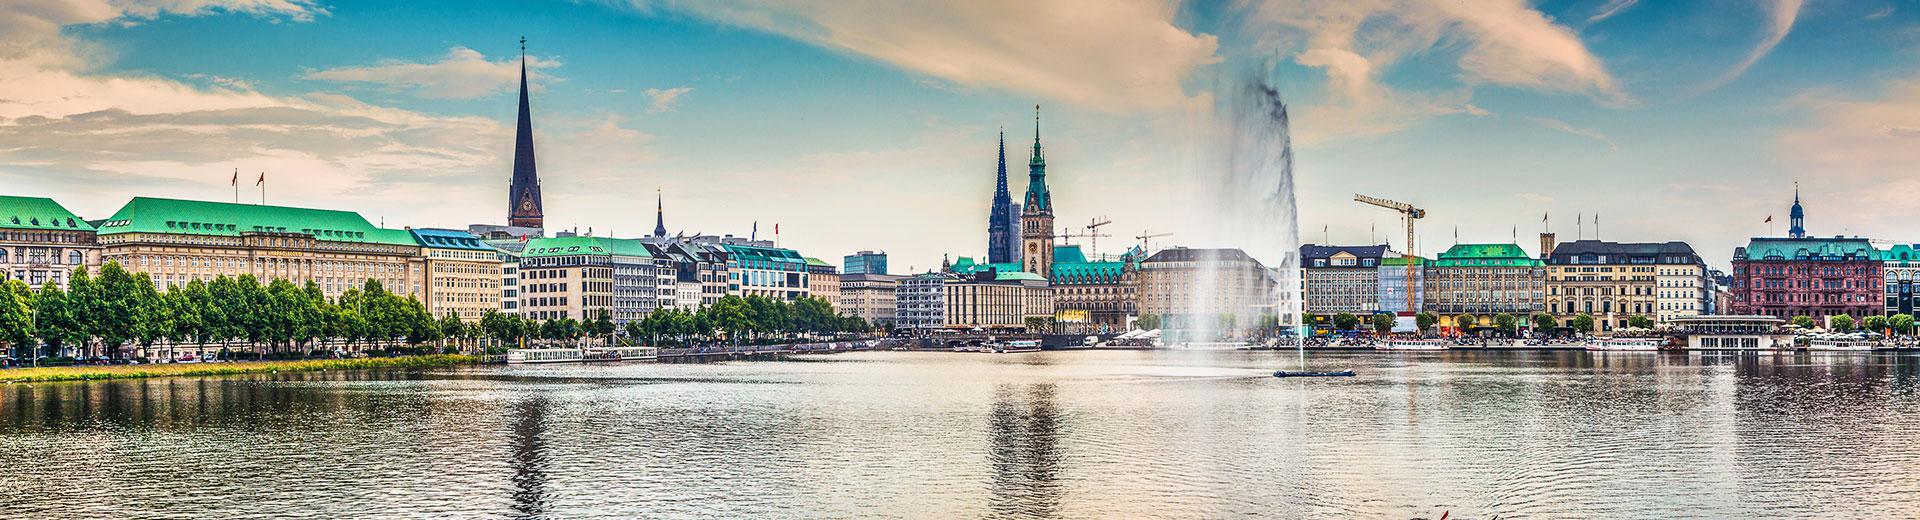 Voyages en groupe Hambourg - offre Economique train